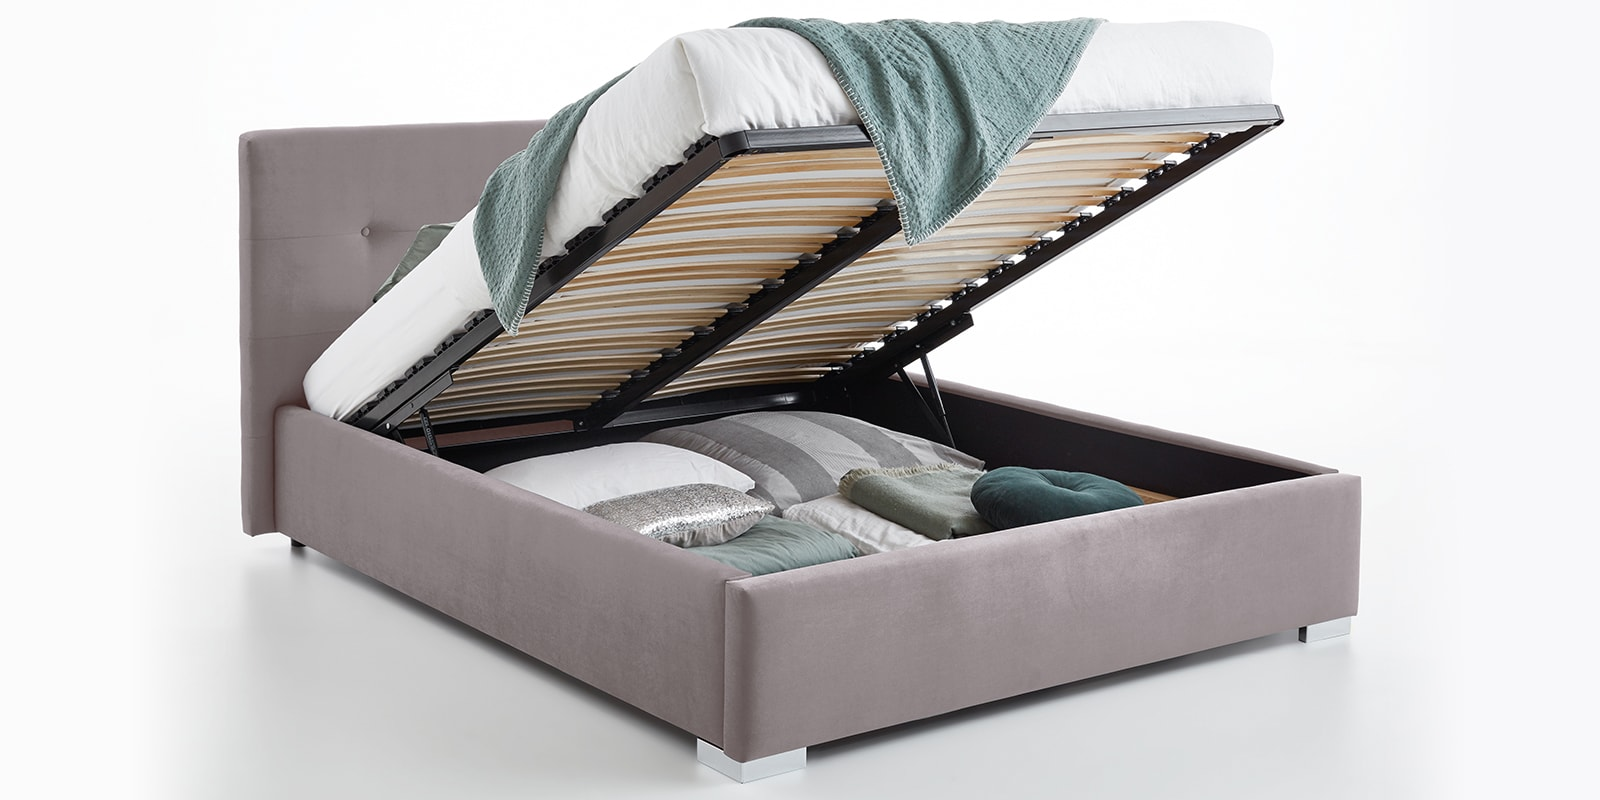 Moebella24 - Bett - mit - Bettkasten - Betty - Samt - Rose - Stauraum - Kopfteil - mit - Knopfheftung- Bettkasten - Geöffnet - Von - vorne - links